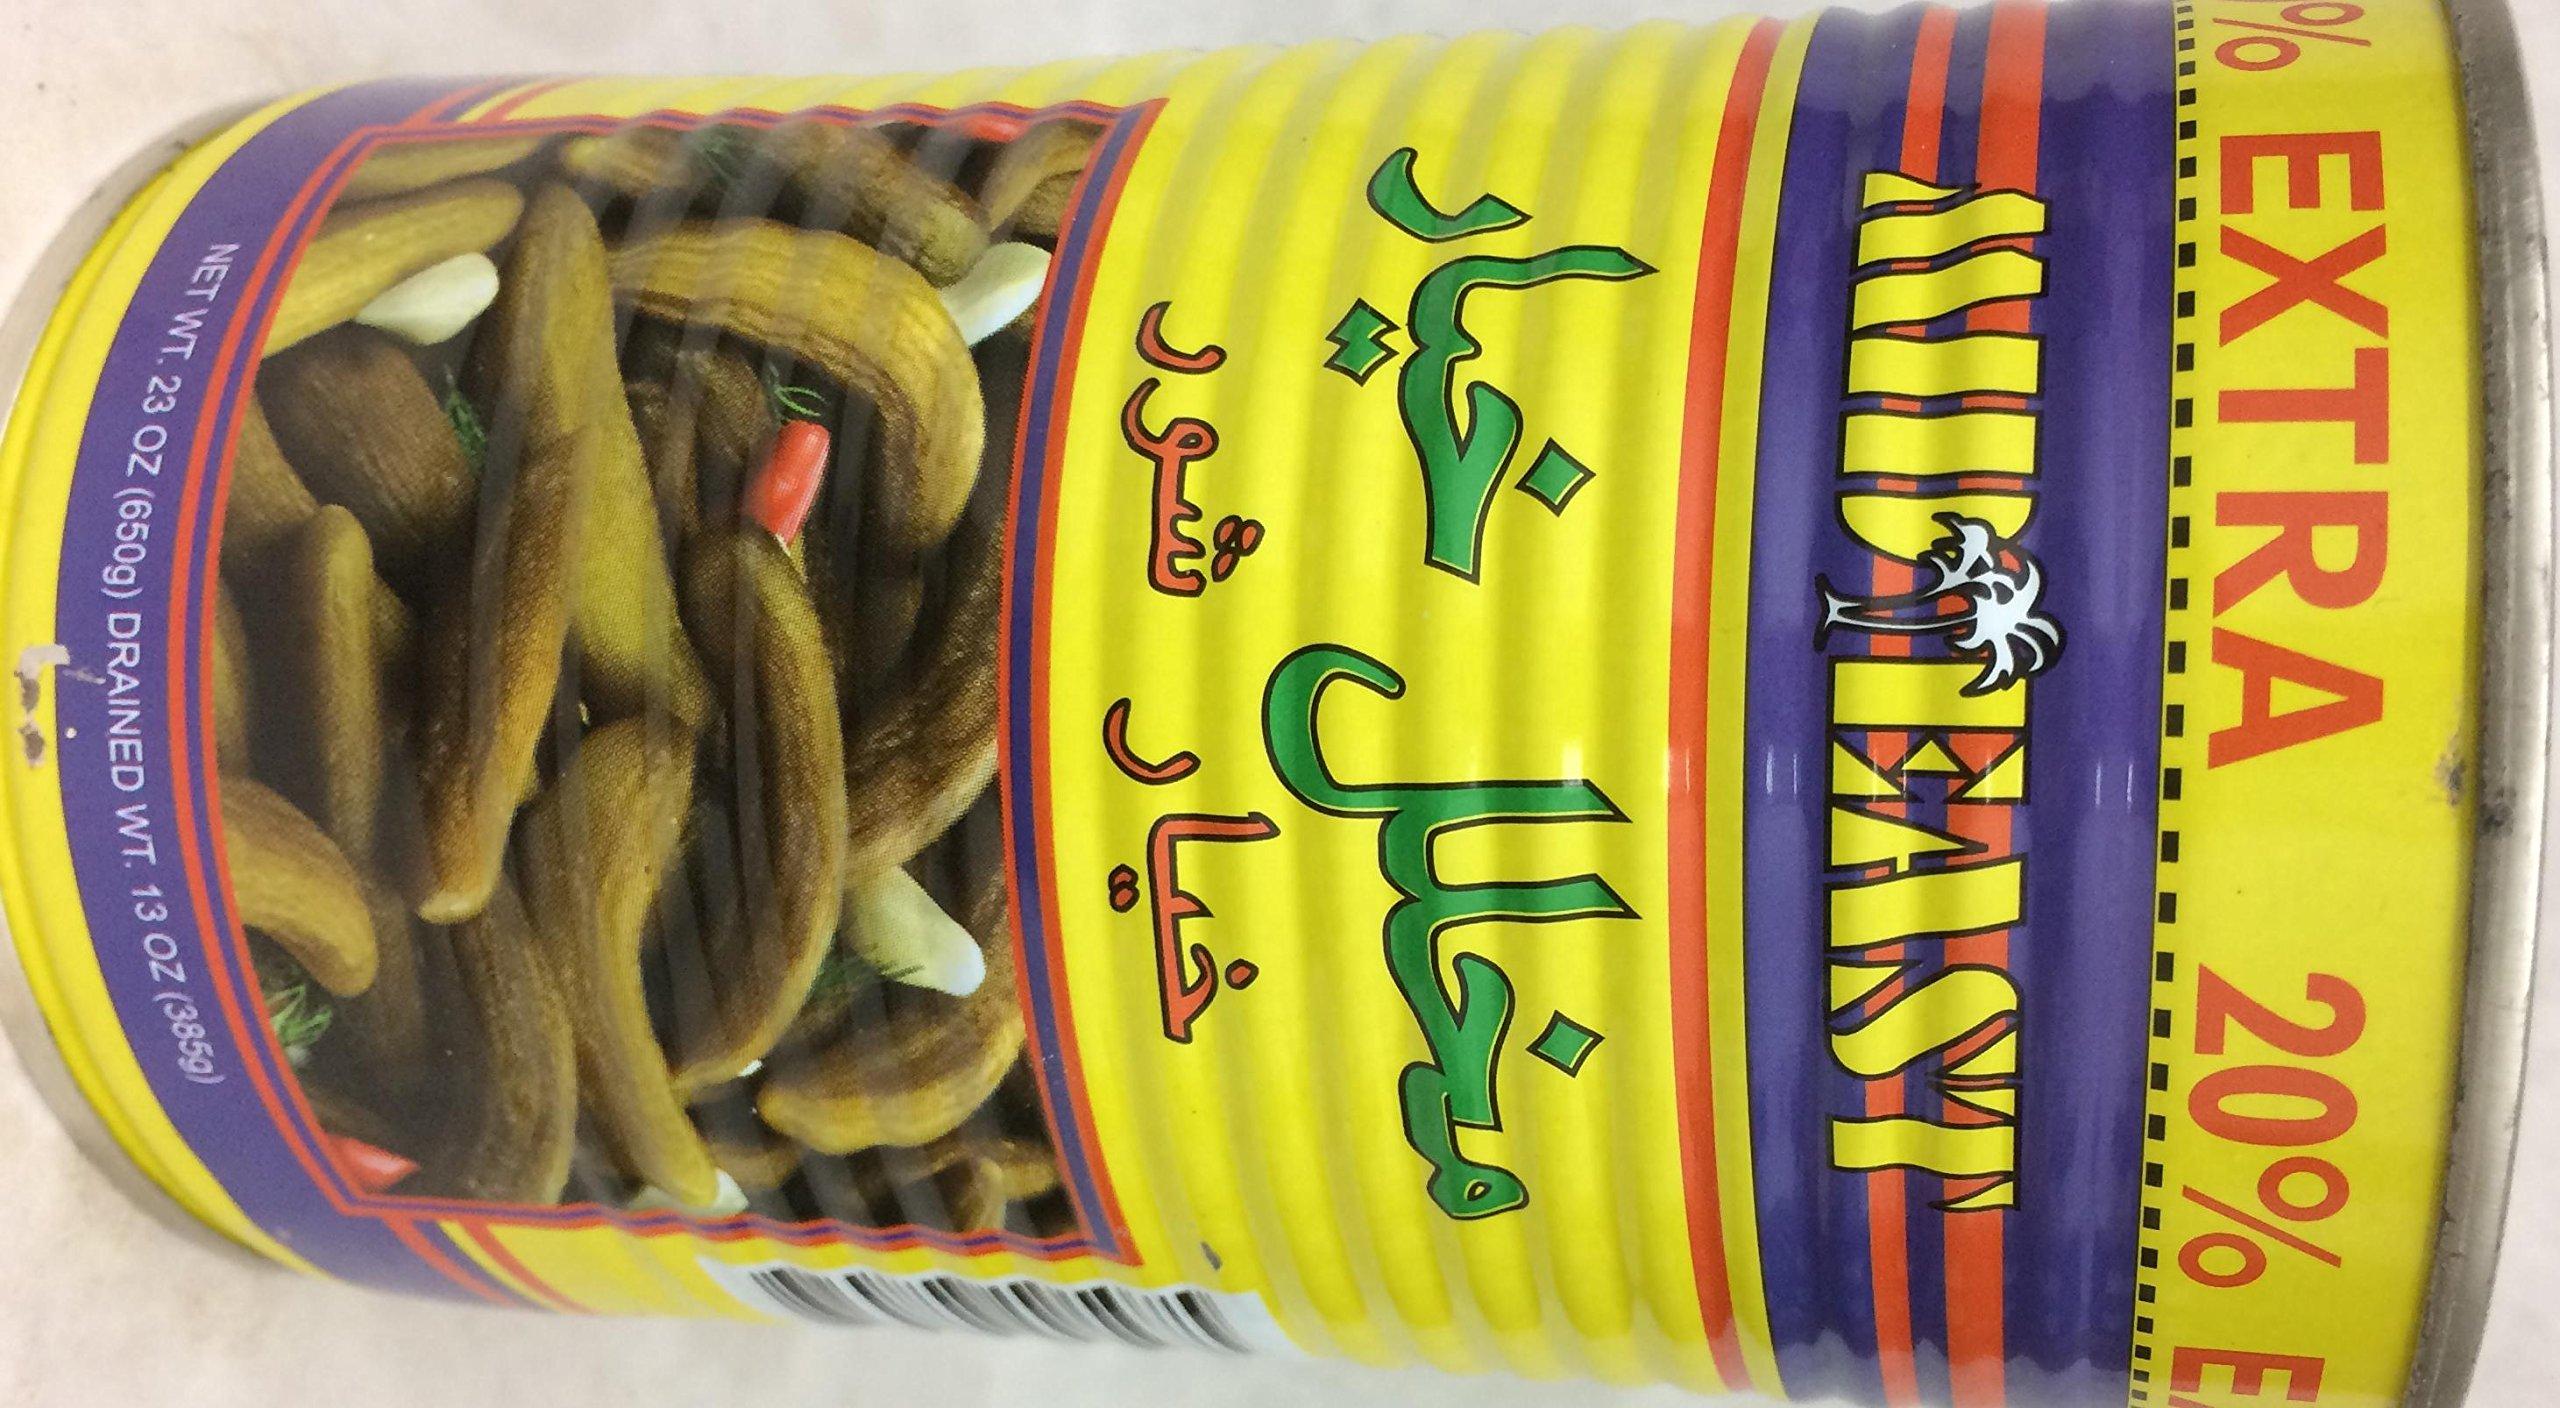 Mid East Pickles Cucumbers In Brine 13 Oz. Pk Of 3.